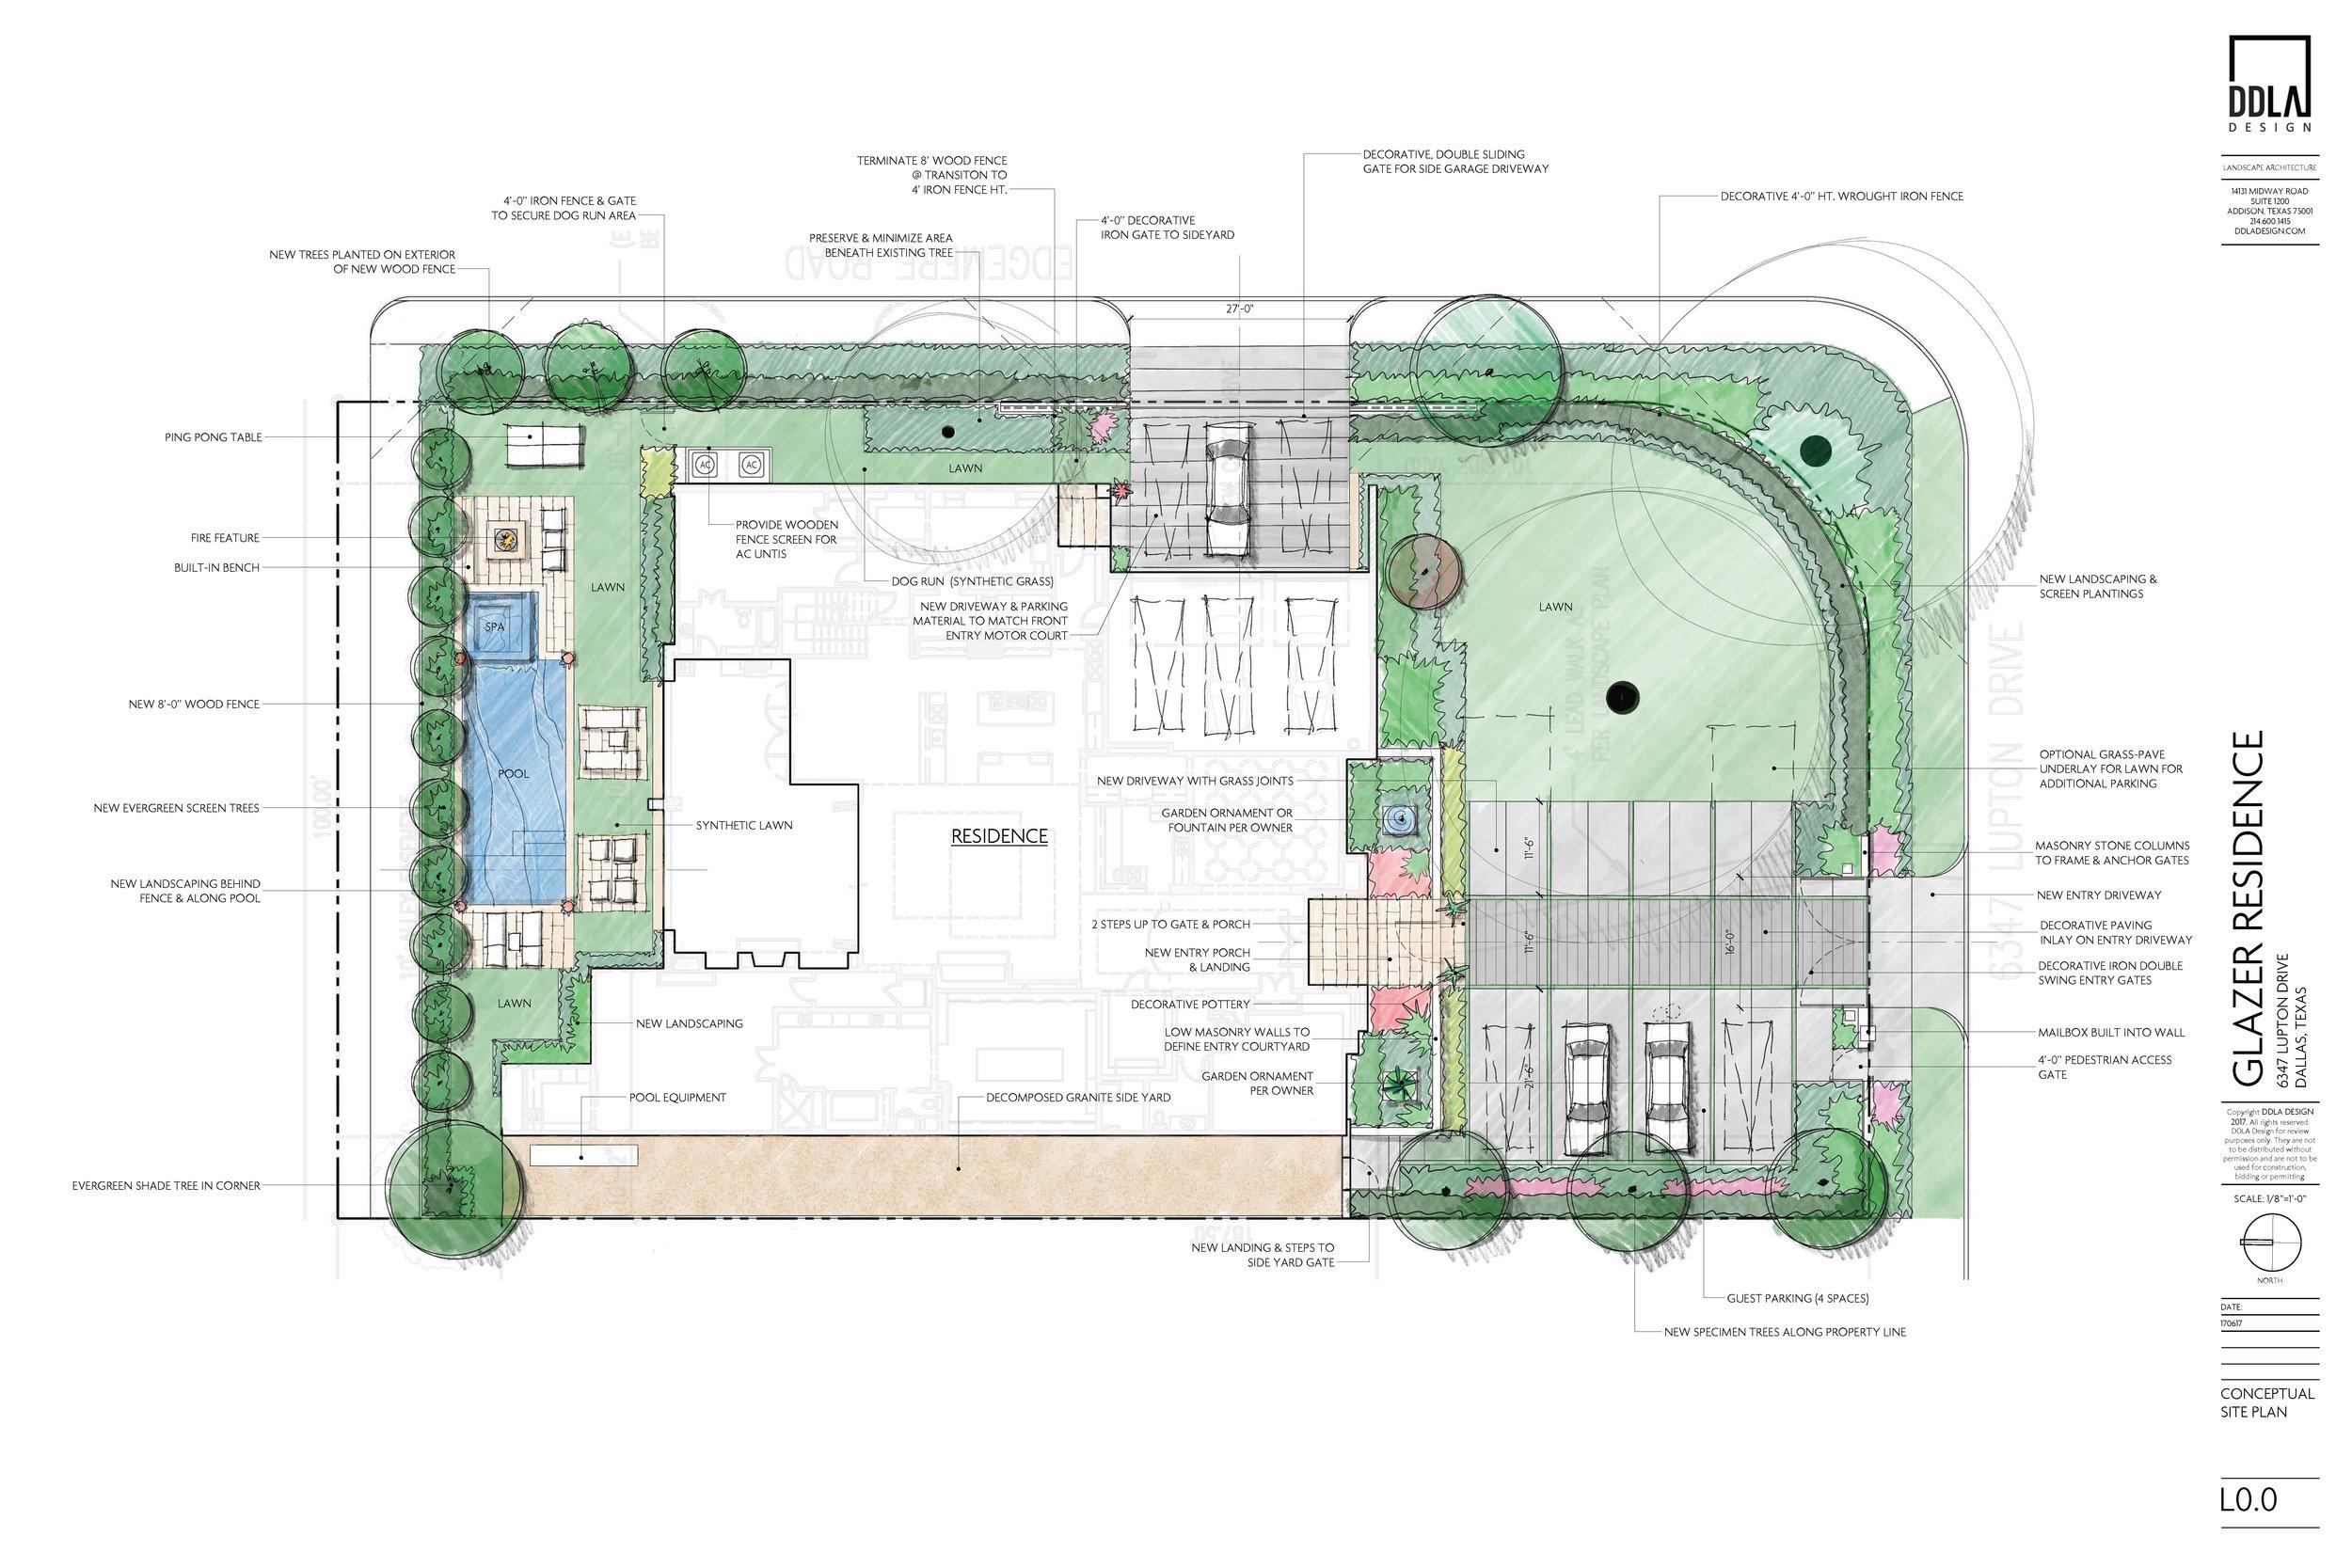 170617 glazer_conceptual plan_final.jpg